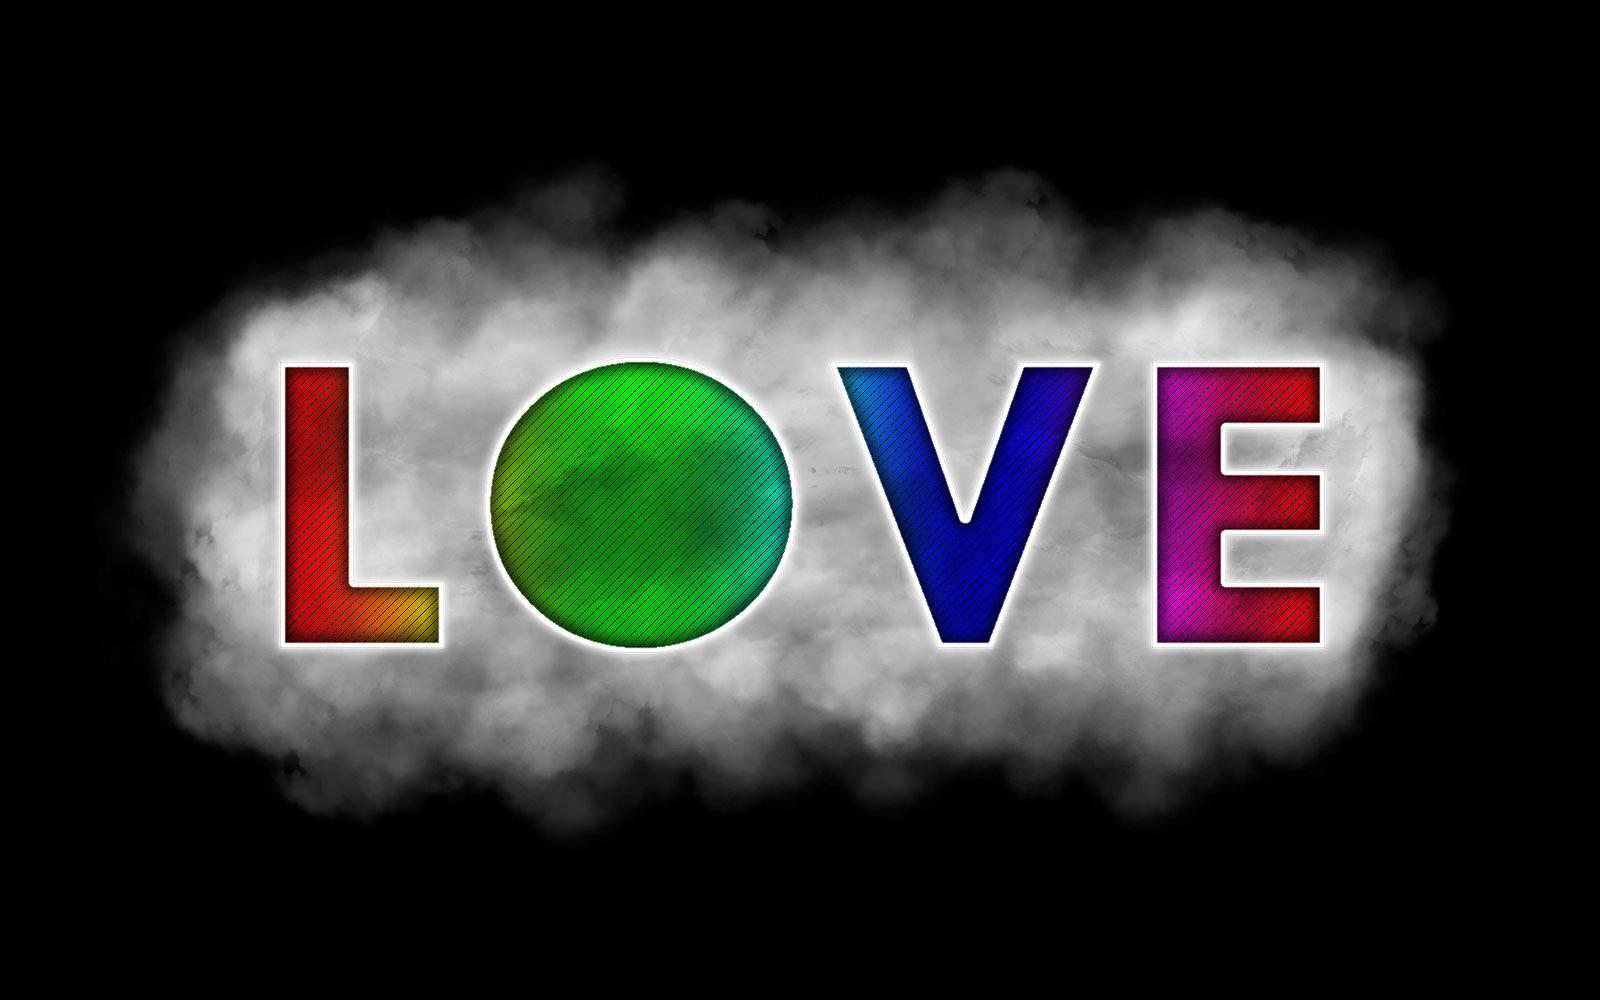 http://3.bp.blogspot.com/-wGC464XdmhY/UFRAGYL_ywI/AAAAAAAAB5o/k-OpUaS07ok/s1600/hd-zwarte-wallpaper-met-de-tekst-love-hd-liefde-achtergrond.jpg